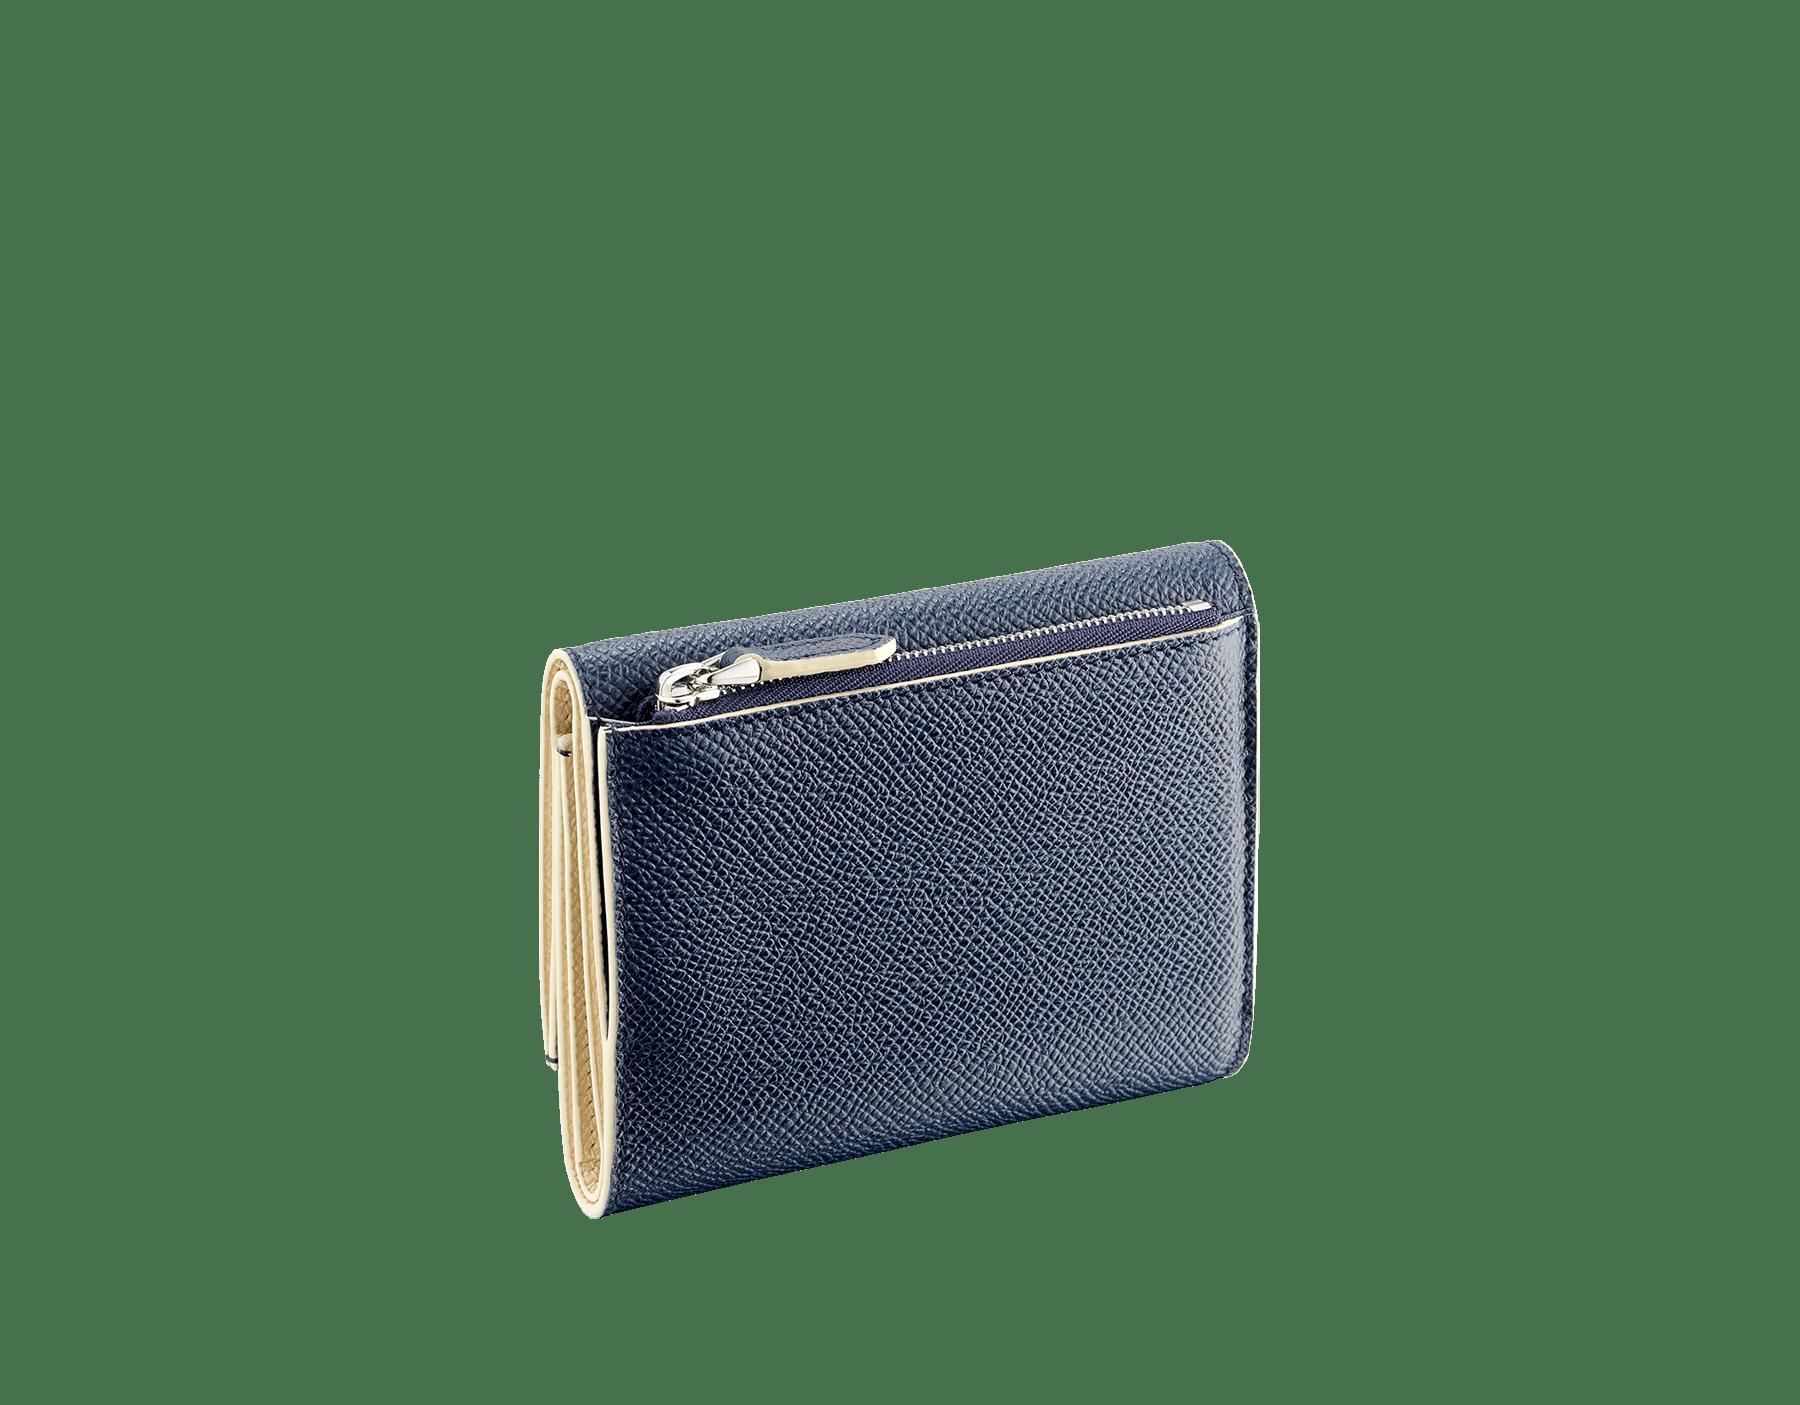 Portefeuille compact «Bvlgari Clip» en cuir de veau grainé couleur blanc Agate et couleur bleu Denim Sapphire. Fermoir emblématique orné du logo Bvlgari en laiton. BCM-YENCOMPACTZPb image 3